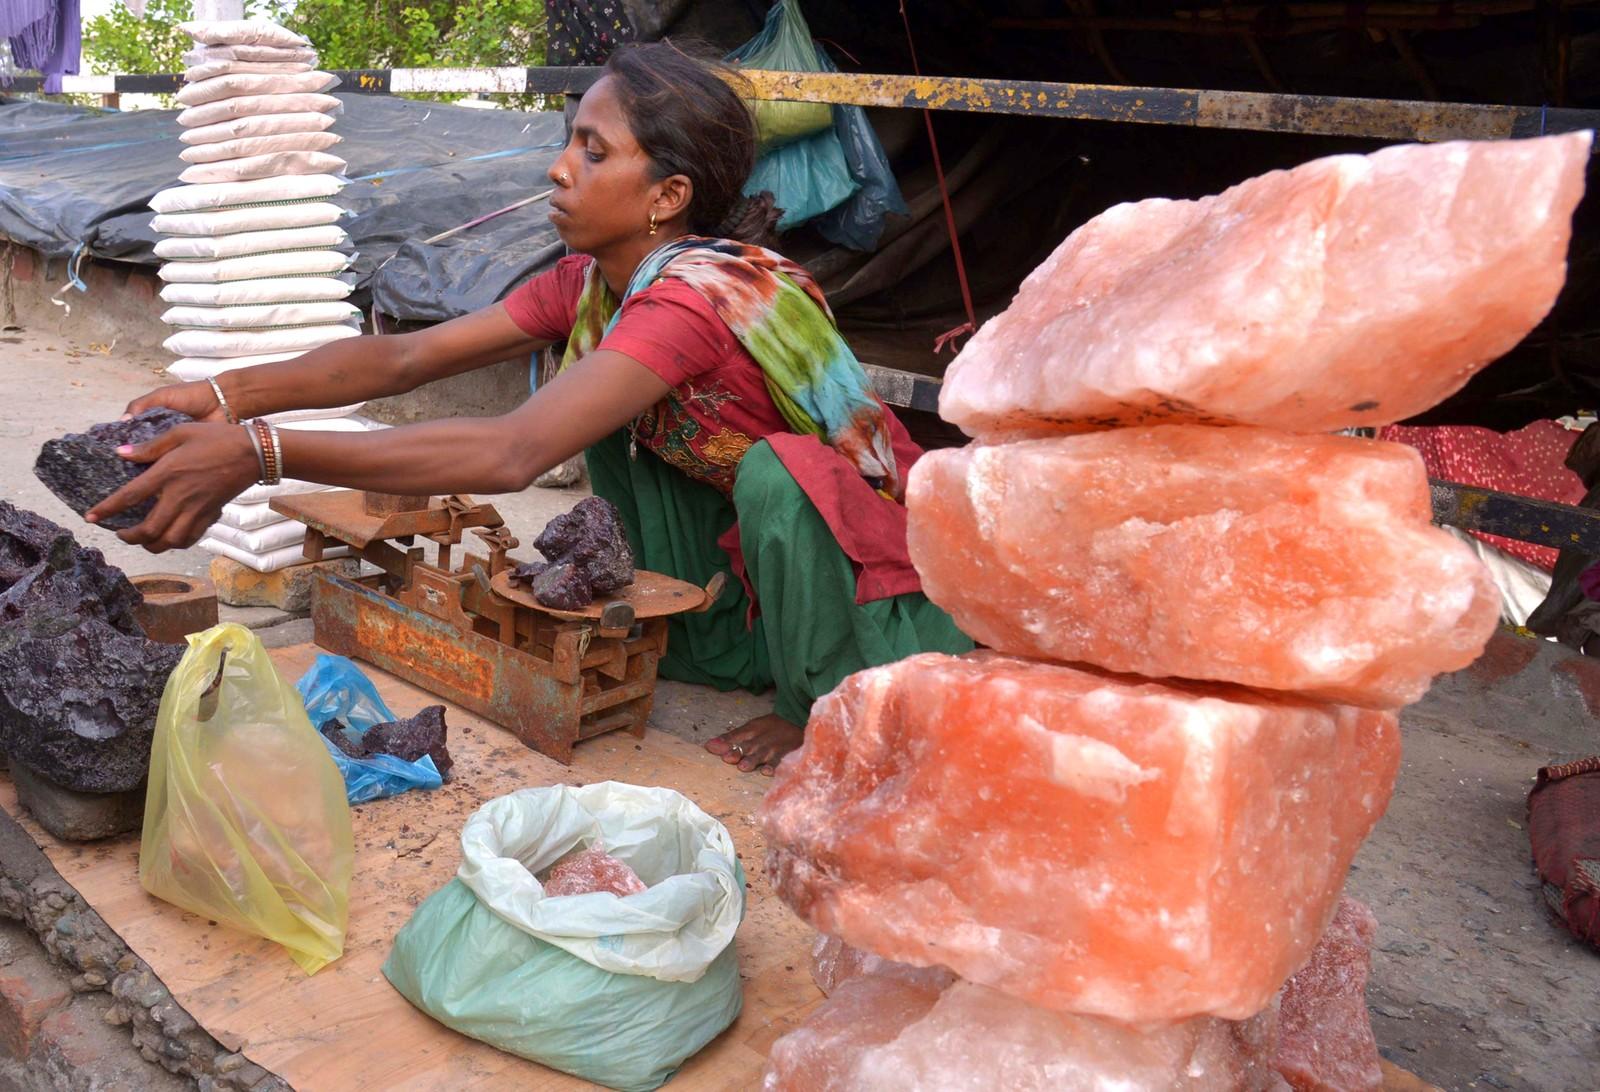 Indiske Sharda selger salt på gata i Amritsar i India den 2. august. Hun tjener mellom 12 og 25 kroner per dag, og forteller at pengene går til å gi datteren en utdannelse.